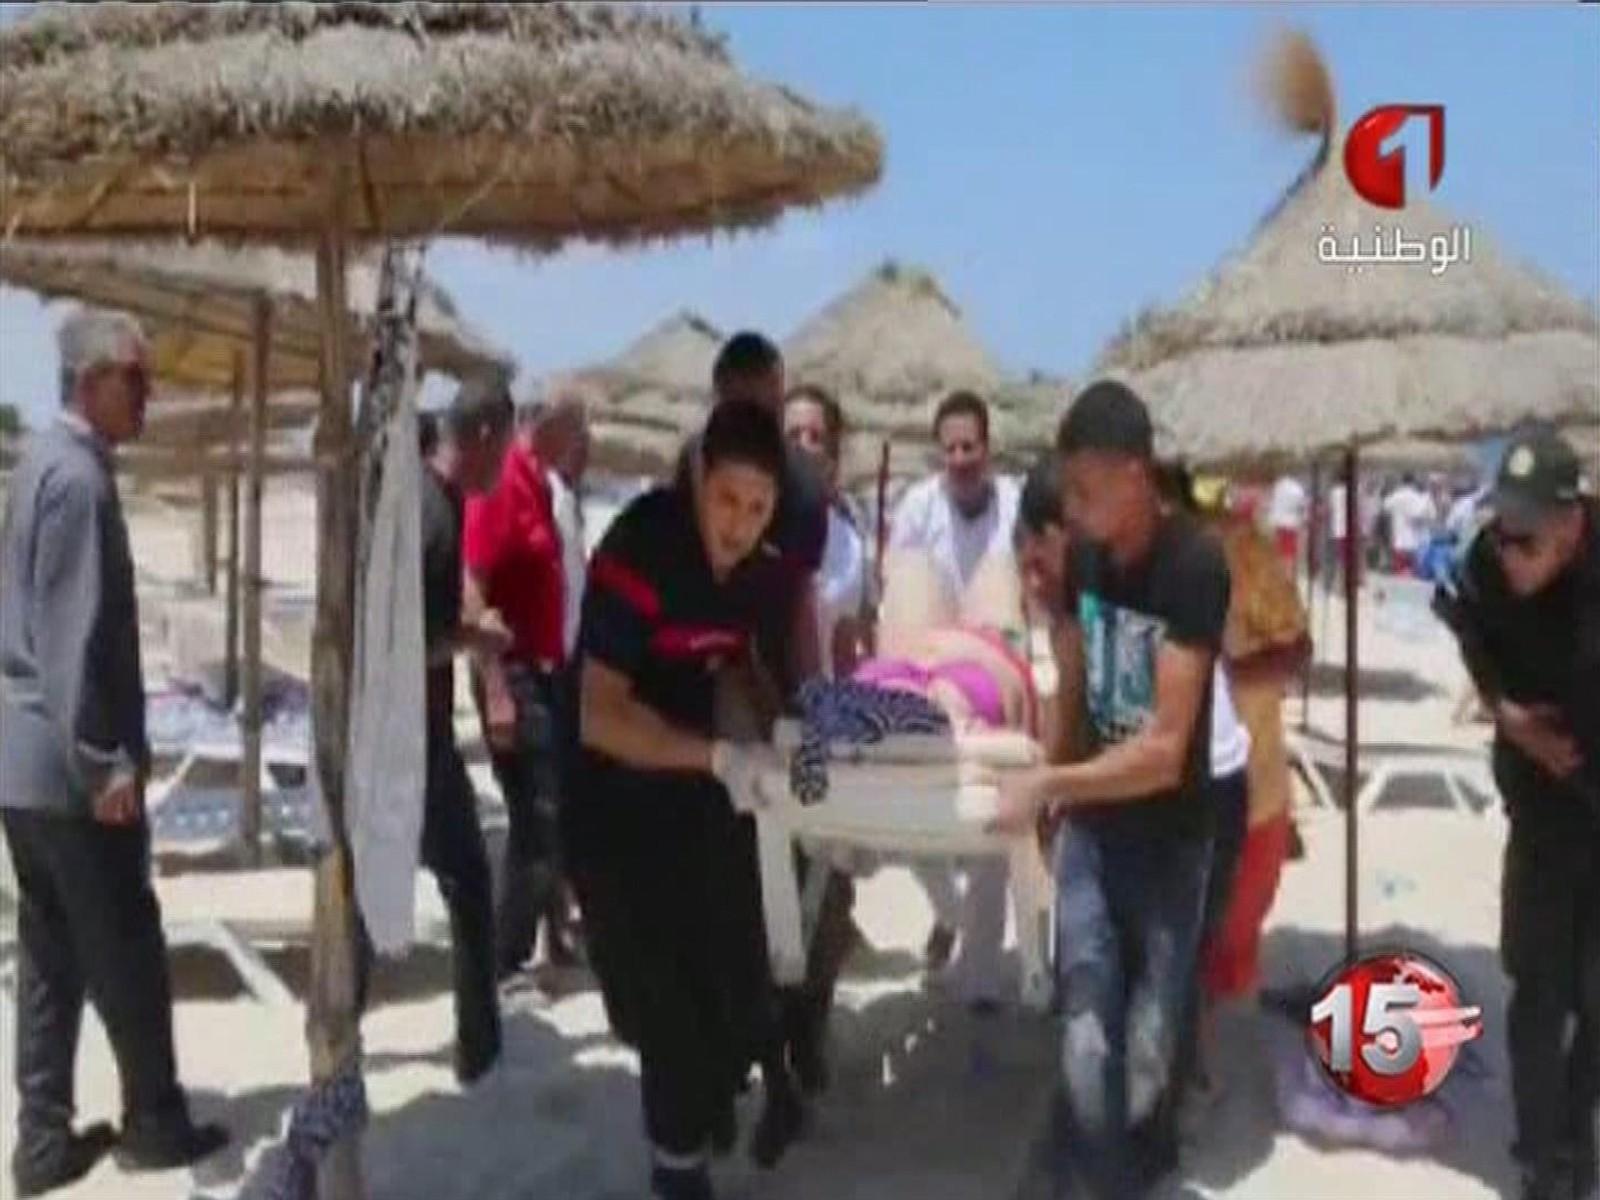 Dødstallet etter hotellangrepet i Tunisia har steget til 28. Blant de drepte er britiske, tyske og belgiske statsborgere, opplyser helsedepartementet.